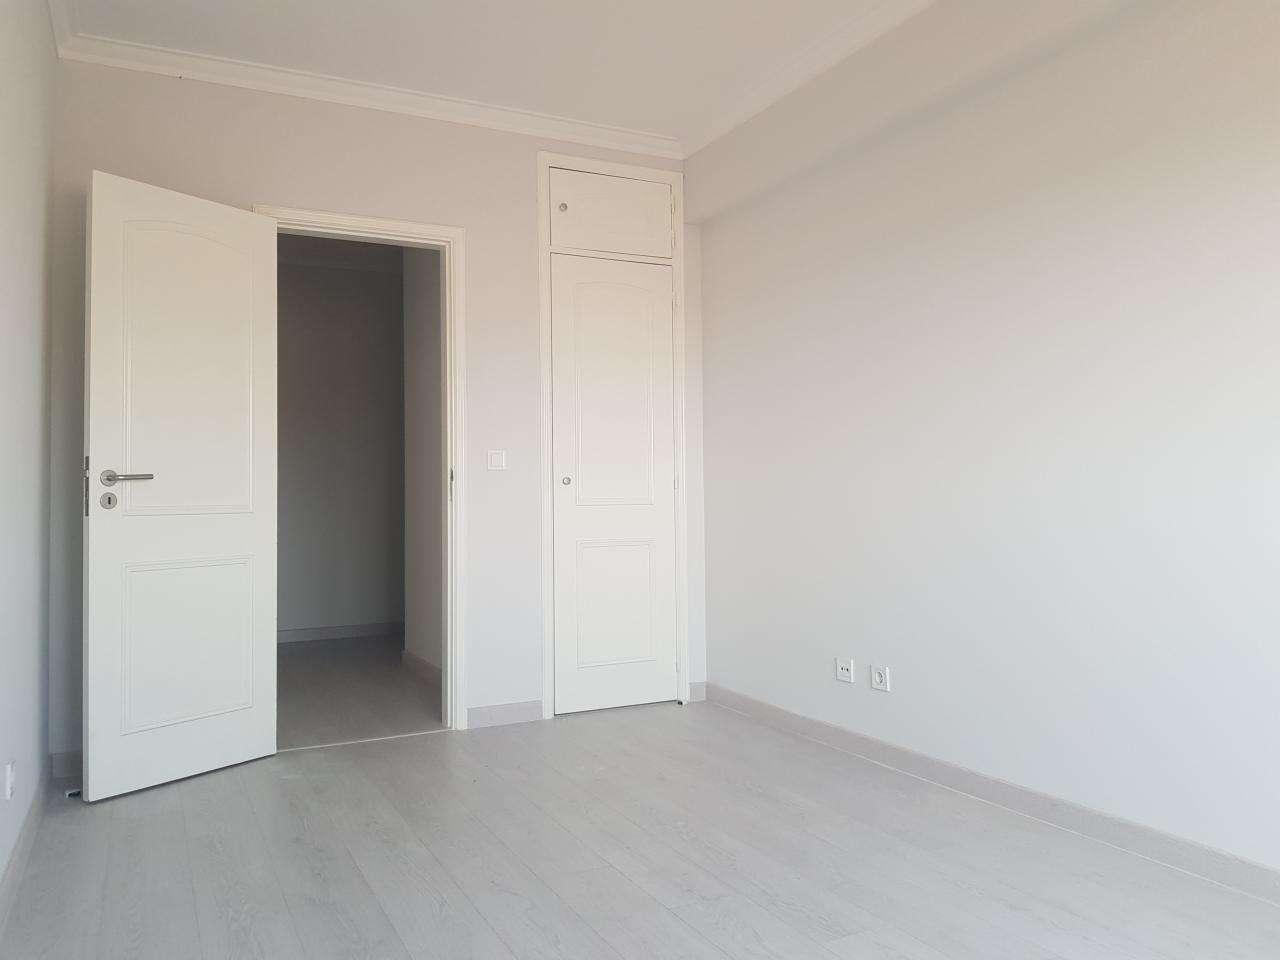 Apartamento para comprar, São Sebastião, Setúbal - Foto 9